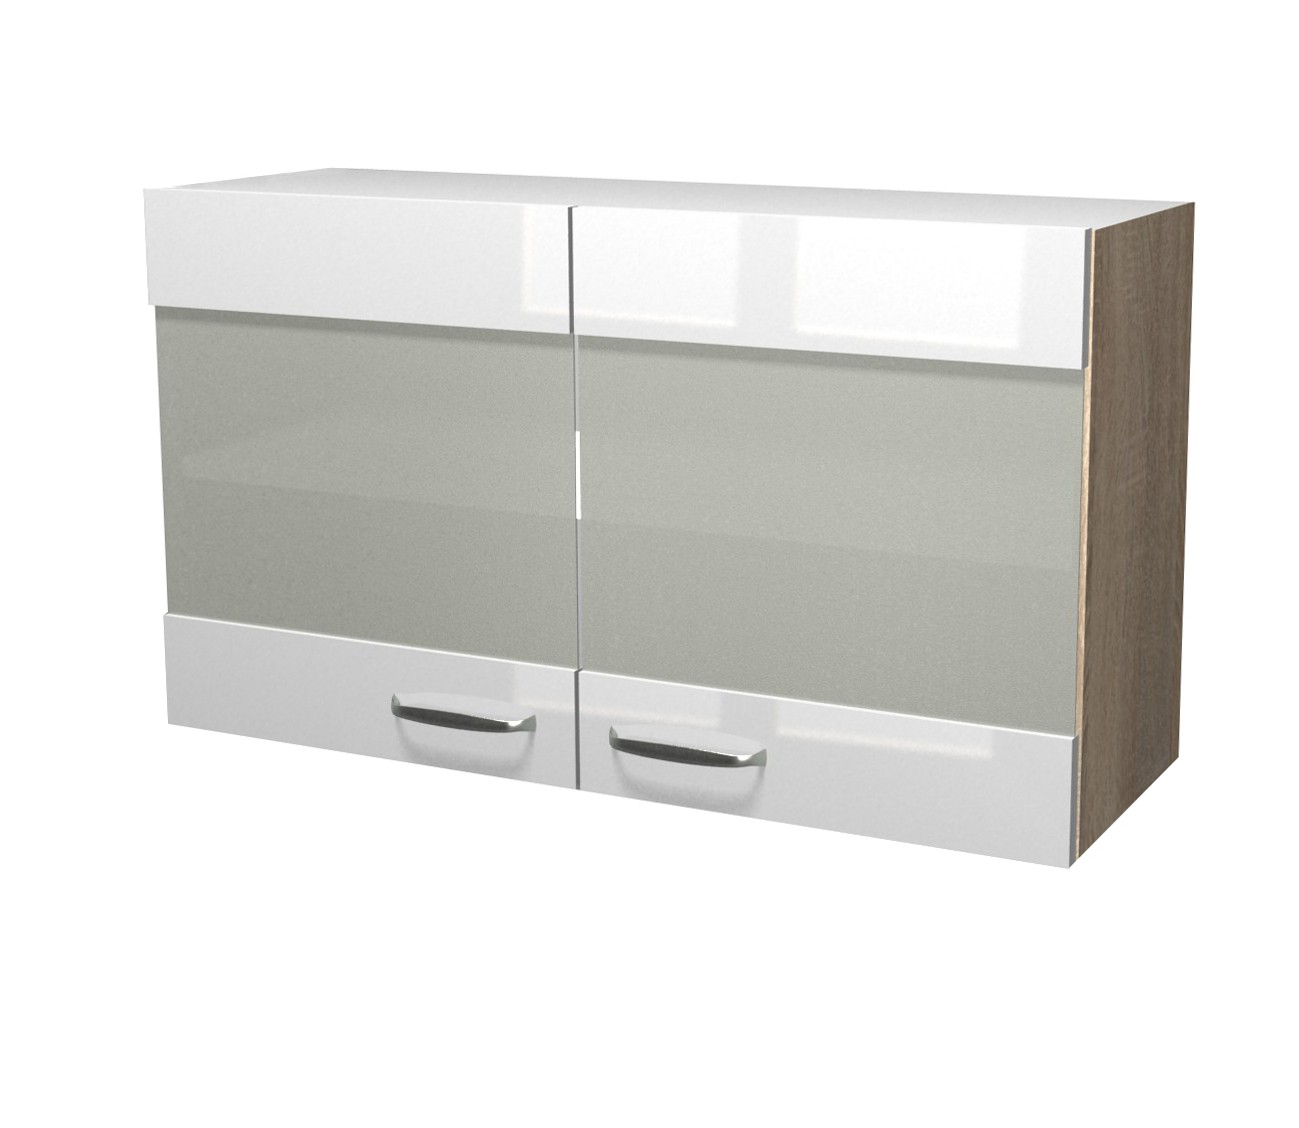 Möbel günstig.de   küchen   einbauküchen   küchenzeilen